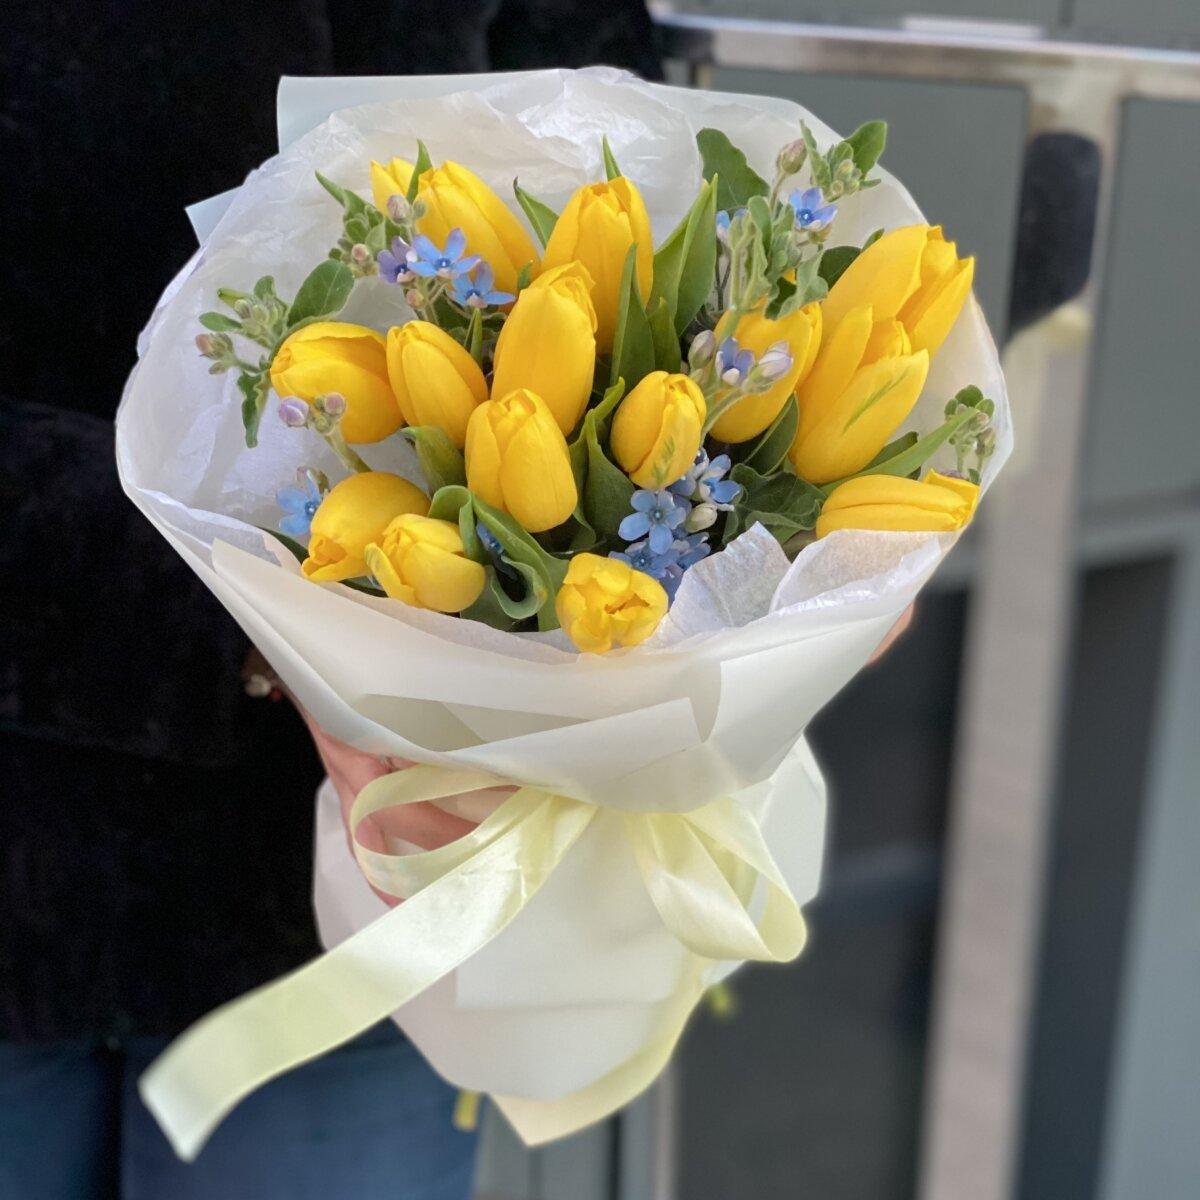 Букет Калейдоскоп весны из желтых тюльпанов и оксипеталума